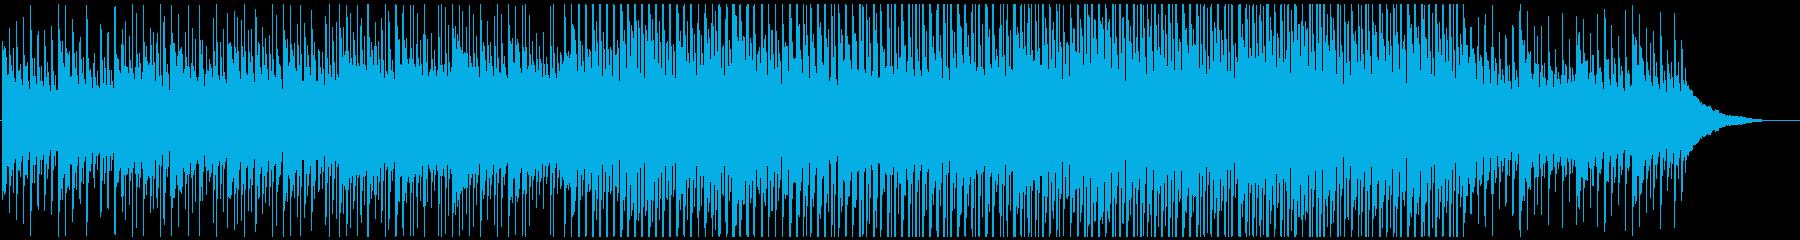 企業VPや映Cに ピアノの静かなる高揚感の再生済みの波形